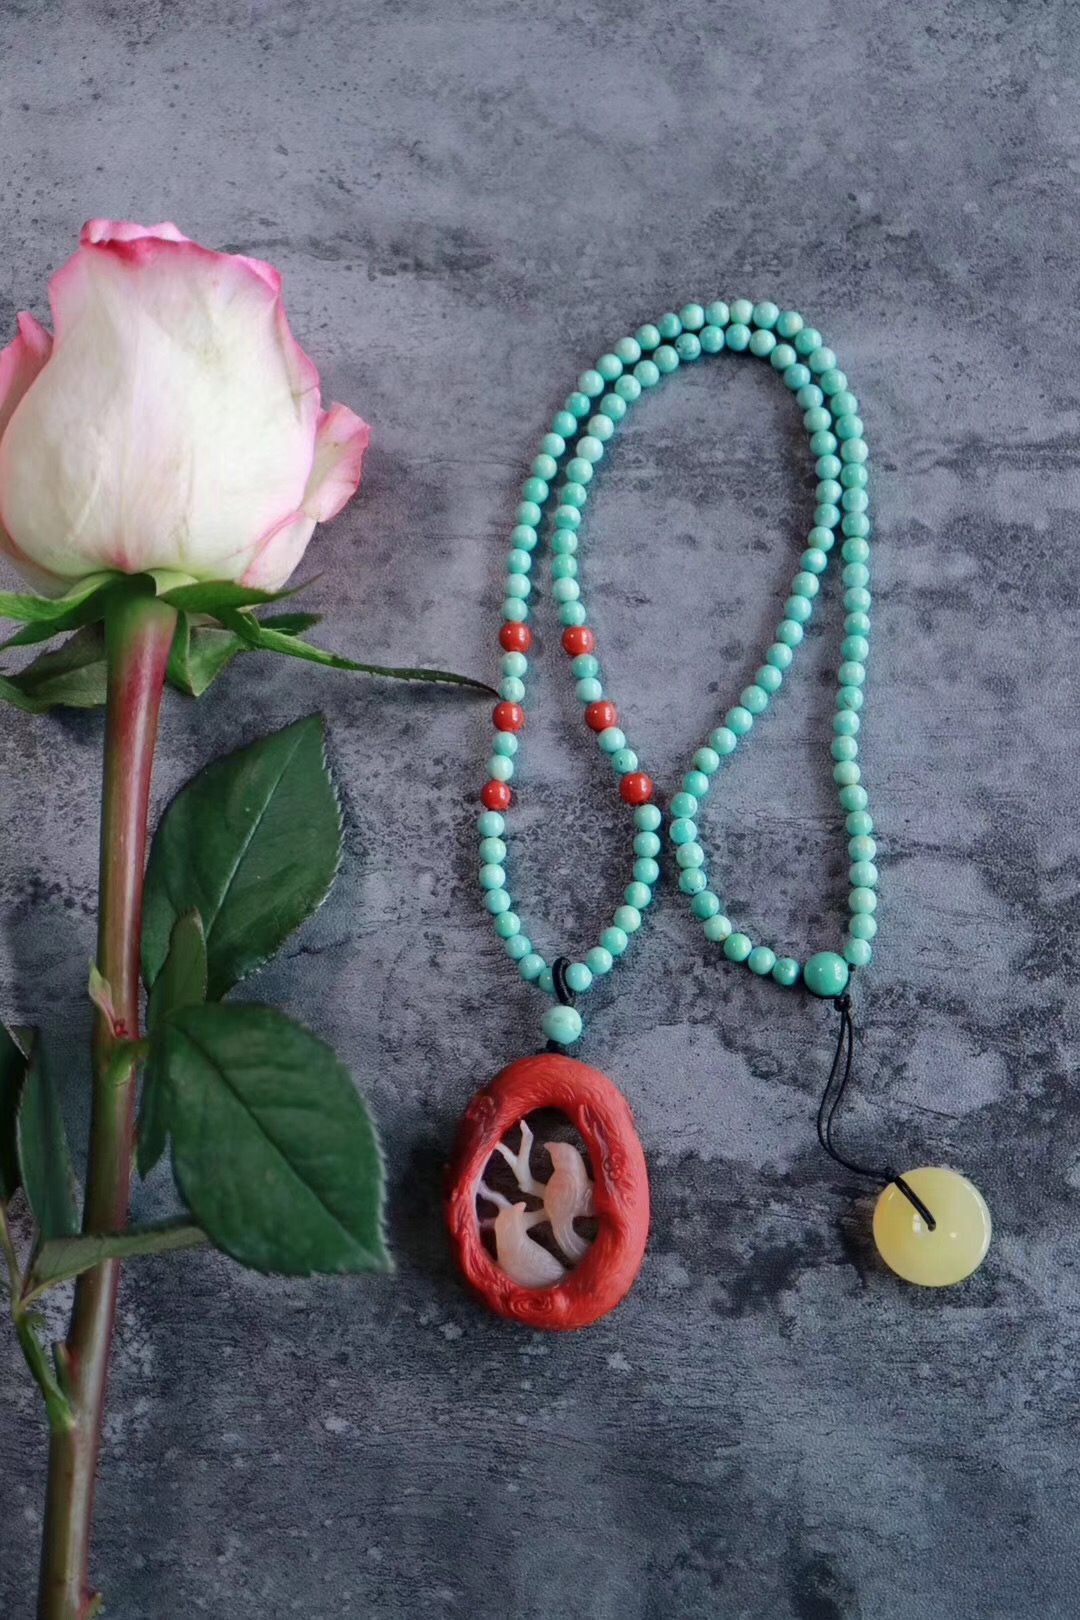 【菩心南红玛瑙 | 喜上眉梢&双喜临门】南红玛瑙象征喜庆和圆满-菩心晶舍